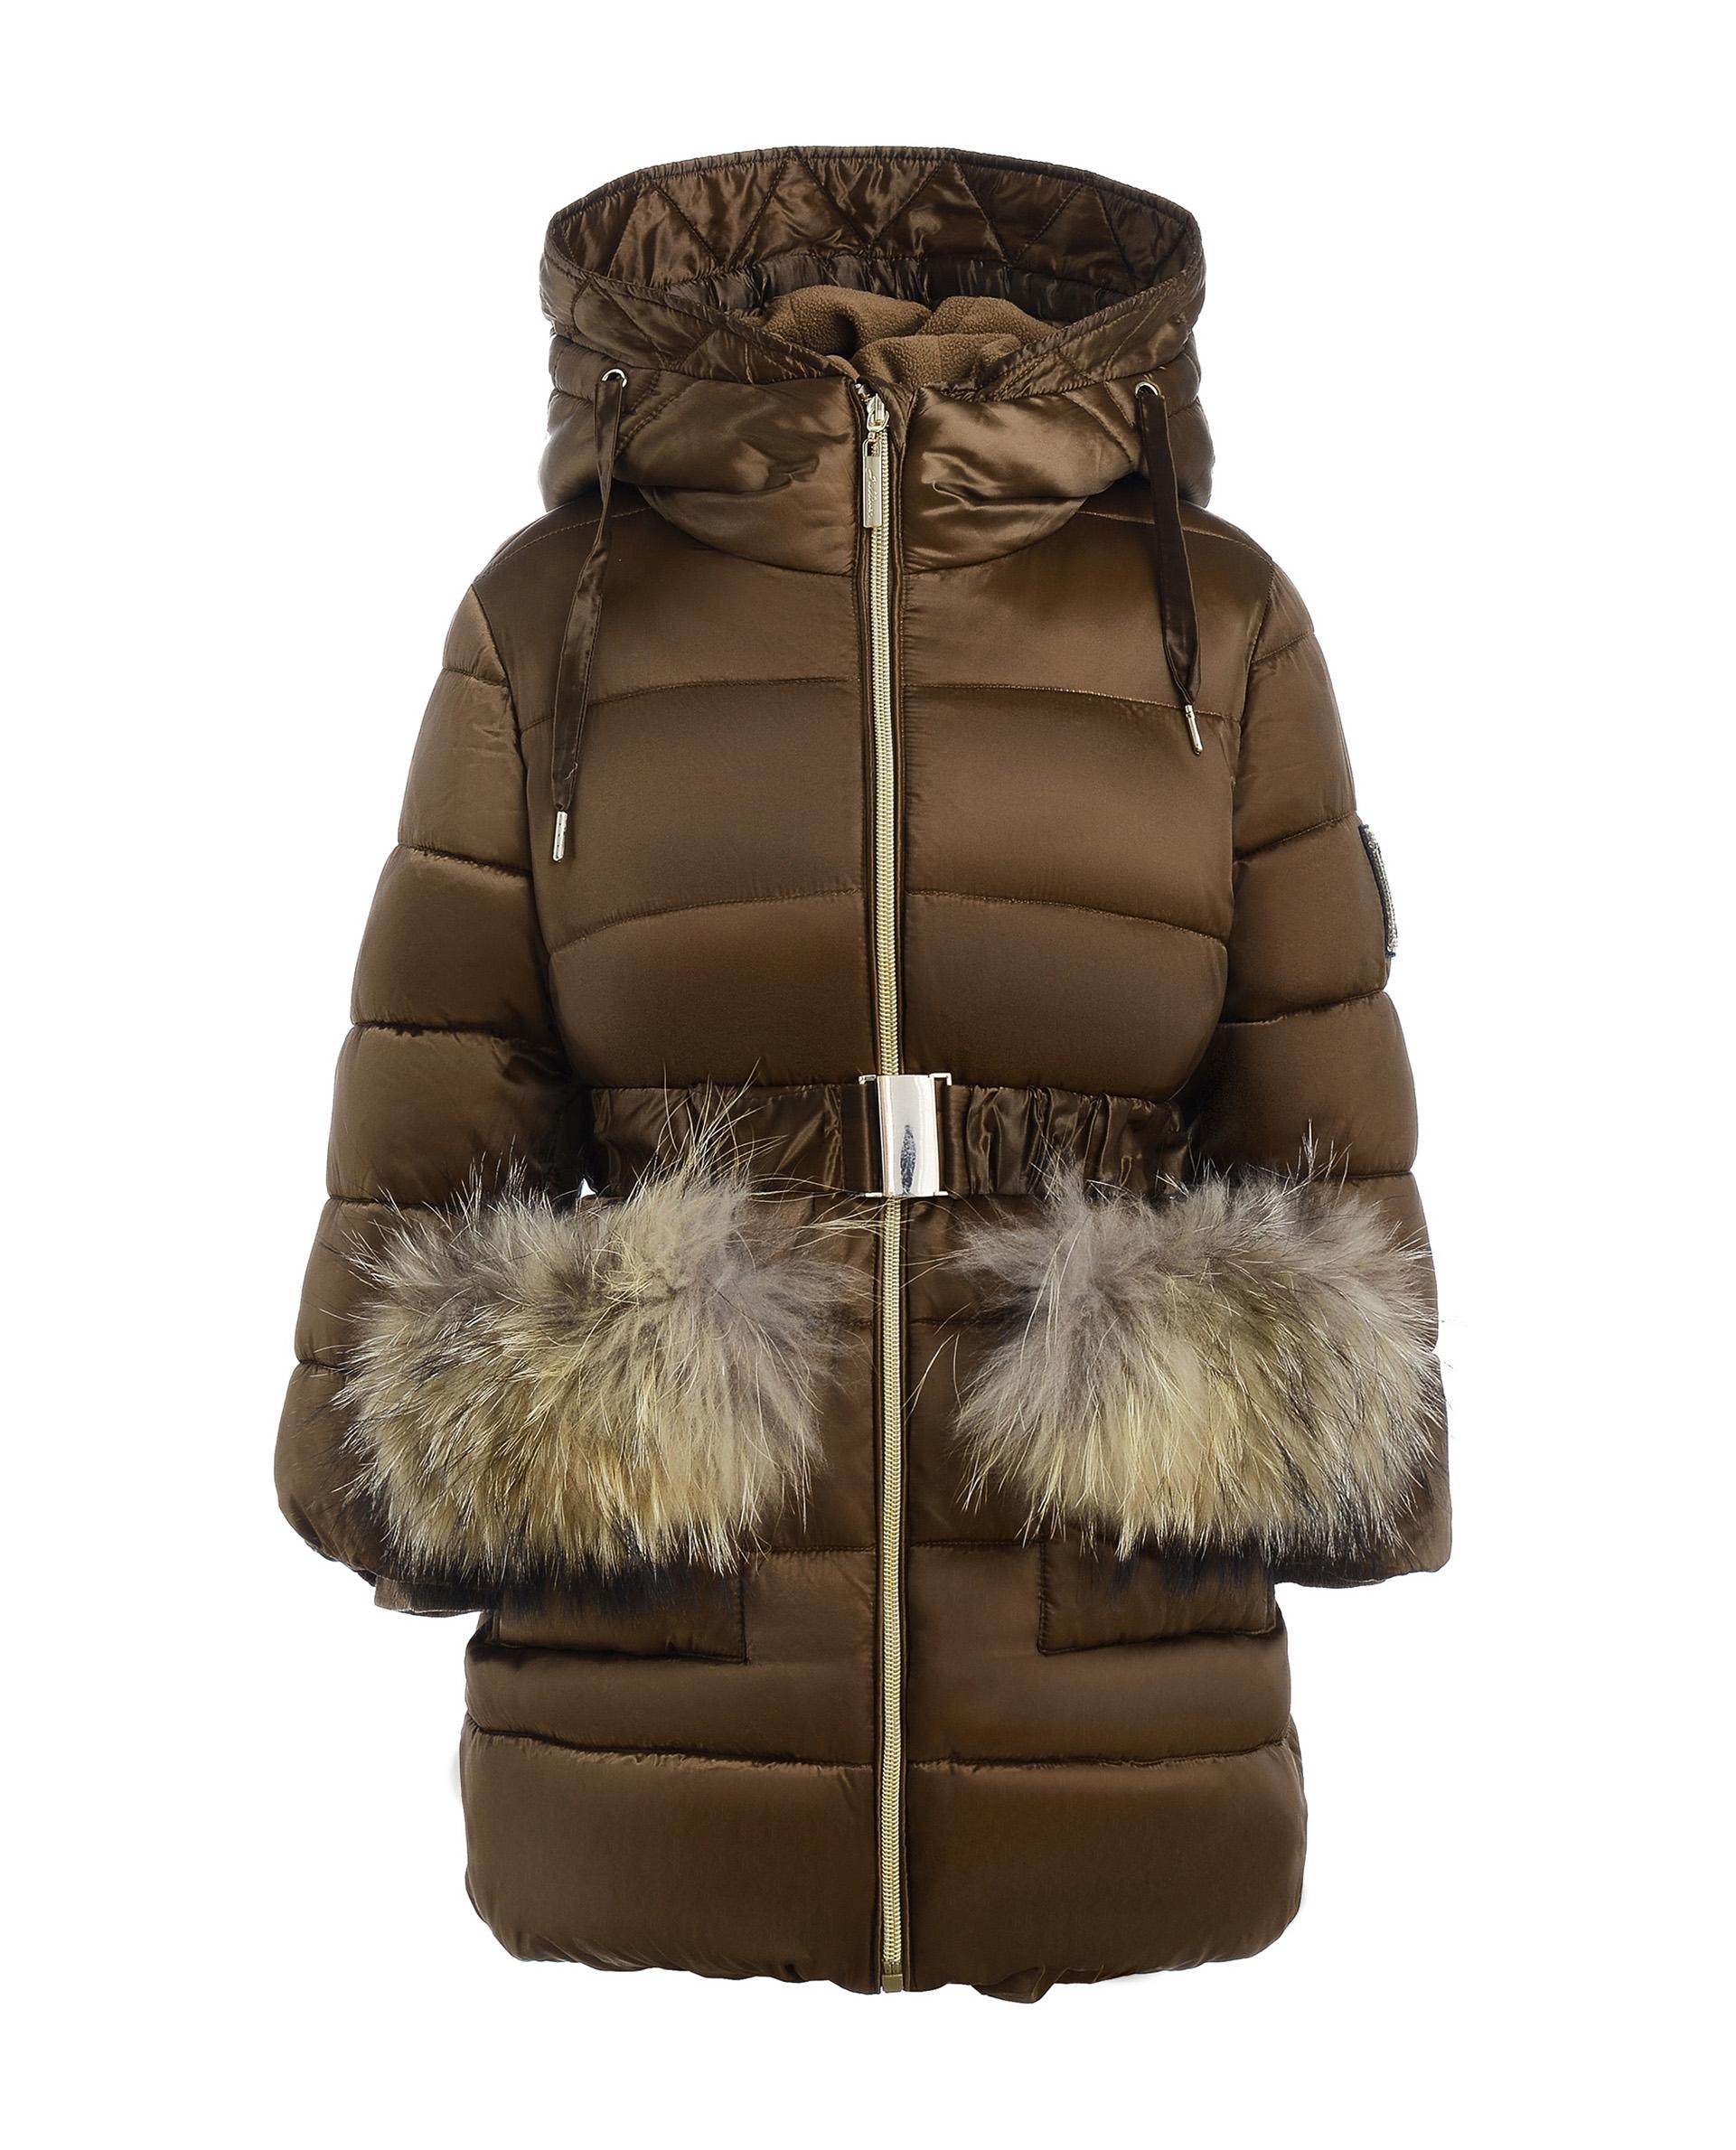 Купить 21902GMC4505, Бежевое зимнее пальто Gulliver, бежевый, 98, Женский, ОСЕНЬ/ЗИМА 2020-2021 (shop: GulliverMarket Gulliver Market)